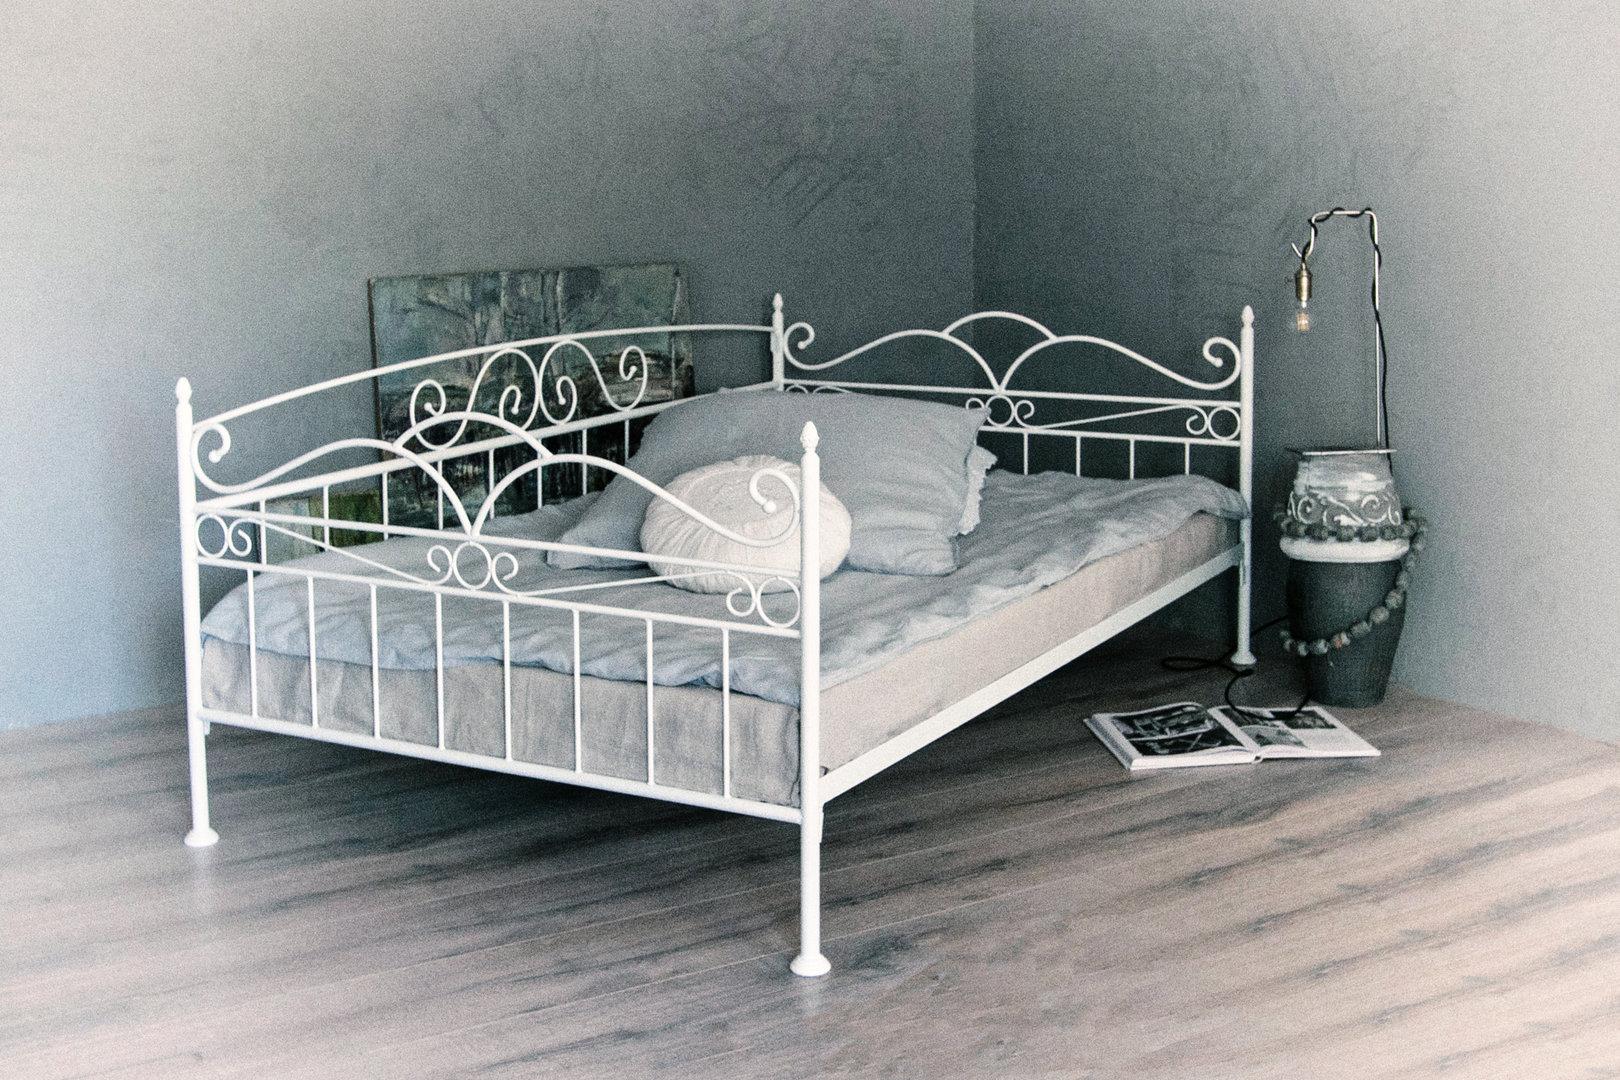 Full Size of Betten 140x200 Weiß Trend Sofa Bett In Weiss Ecru Transparent Kupfer Gebrauchte Badezimmer Hochschrank Hochglanz Bad Hängeschrank Mit Schubladen 90x200 Bett Betten 140x200 Weiß